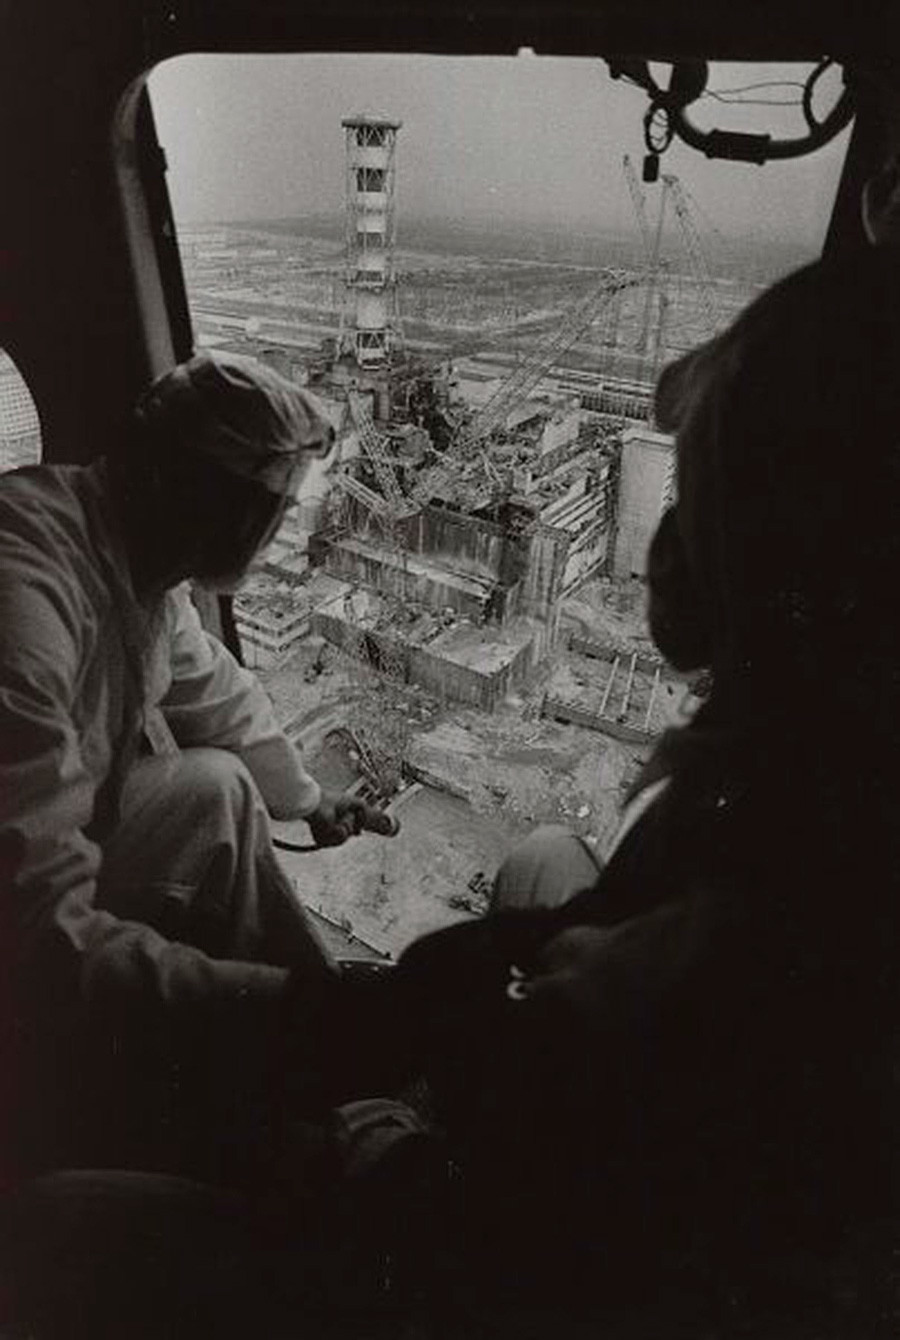 Černobil, merjenje sevanja iz helikopterja, 1986